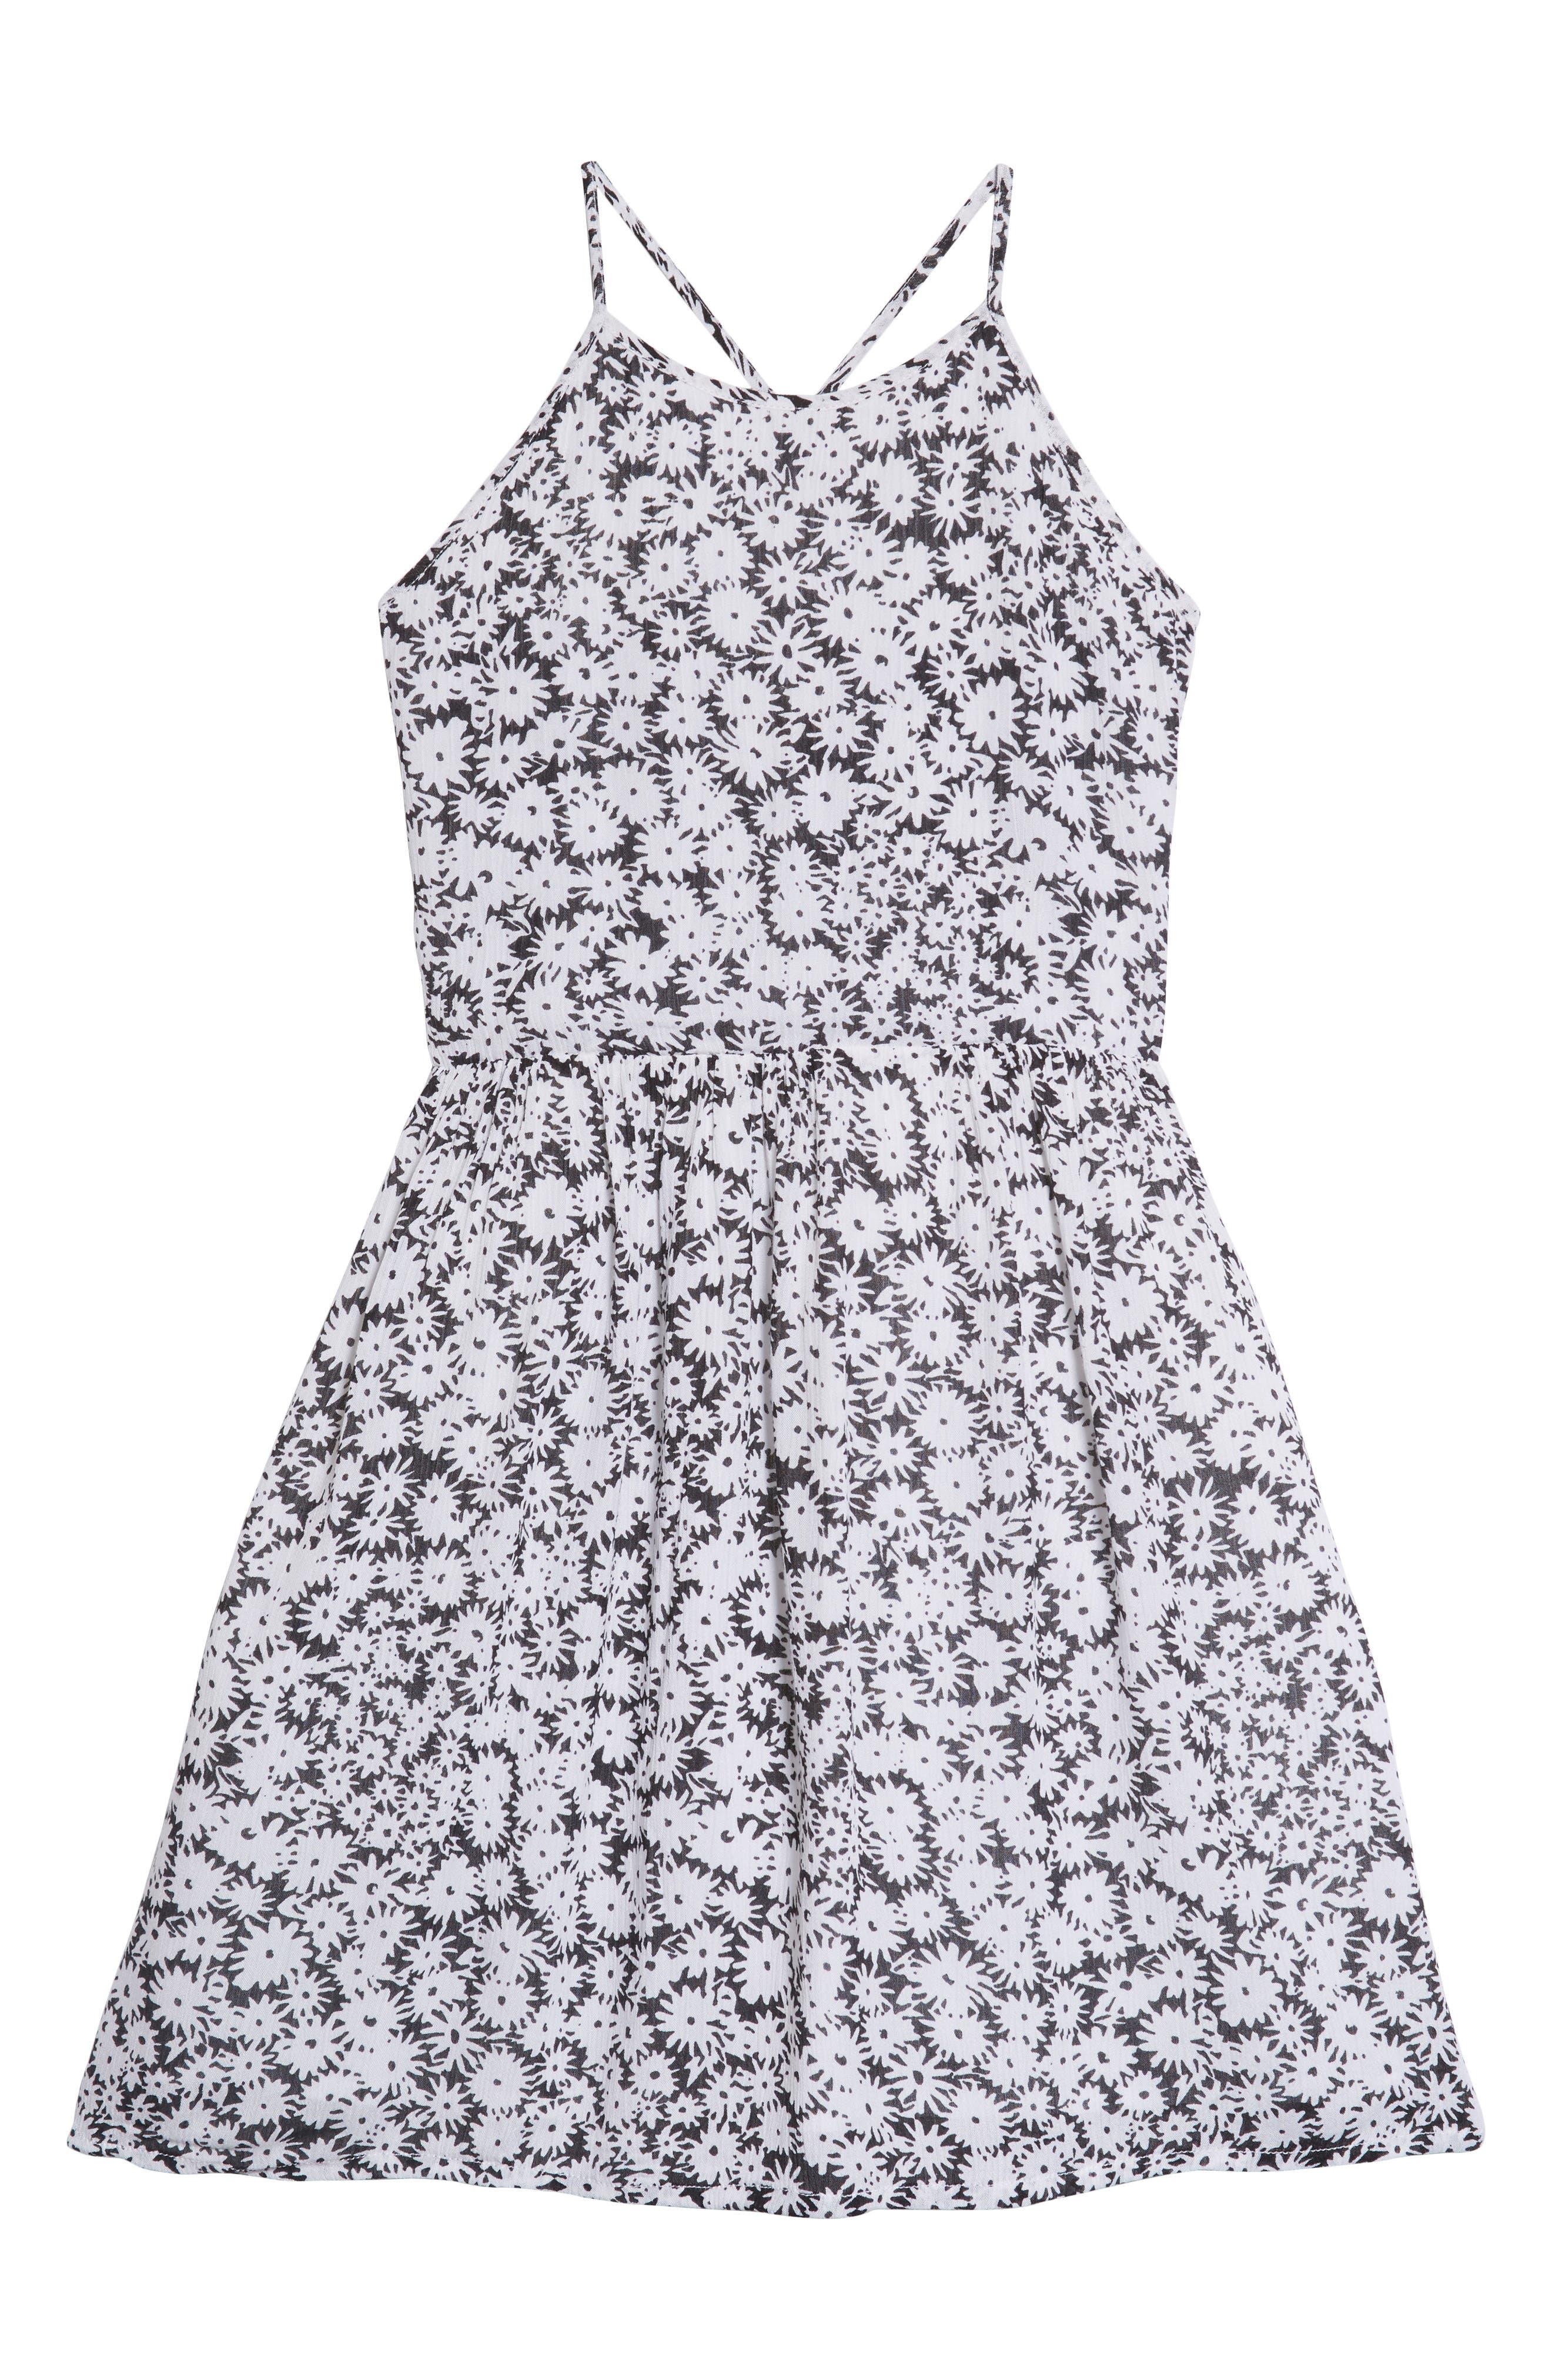 Smocked Dress,                             Main thumbnail 1, color,                             001